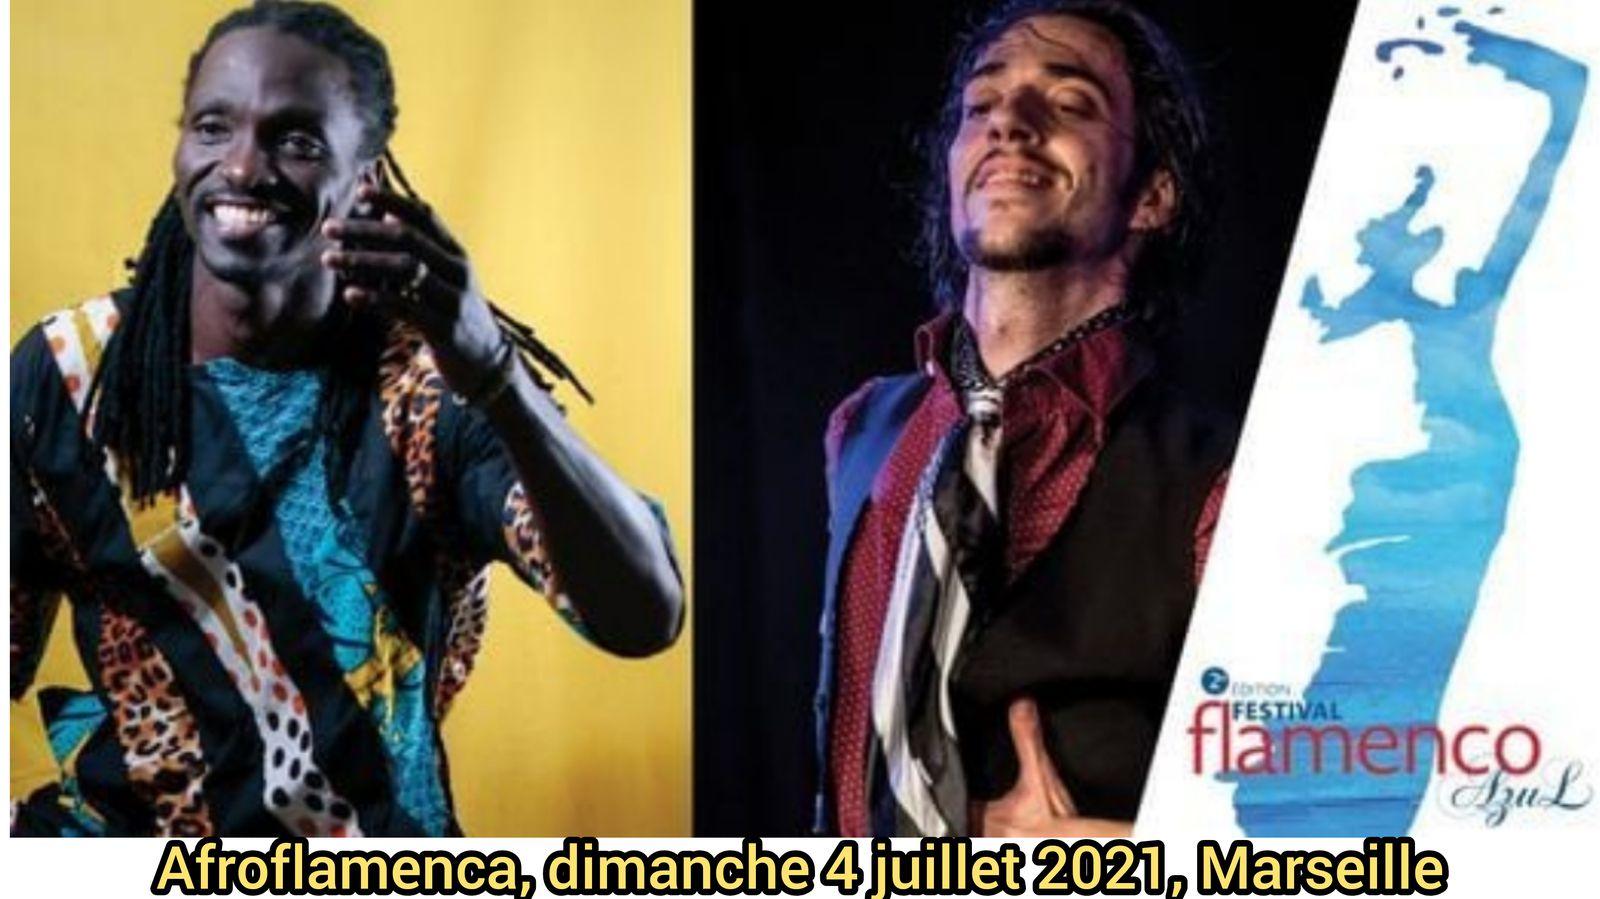 Cliquez ci-dessous pour plus d'infos sur la performance AfroFlamenca.